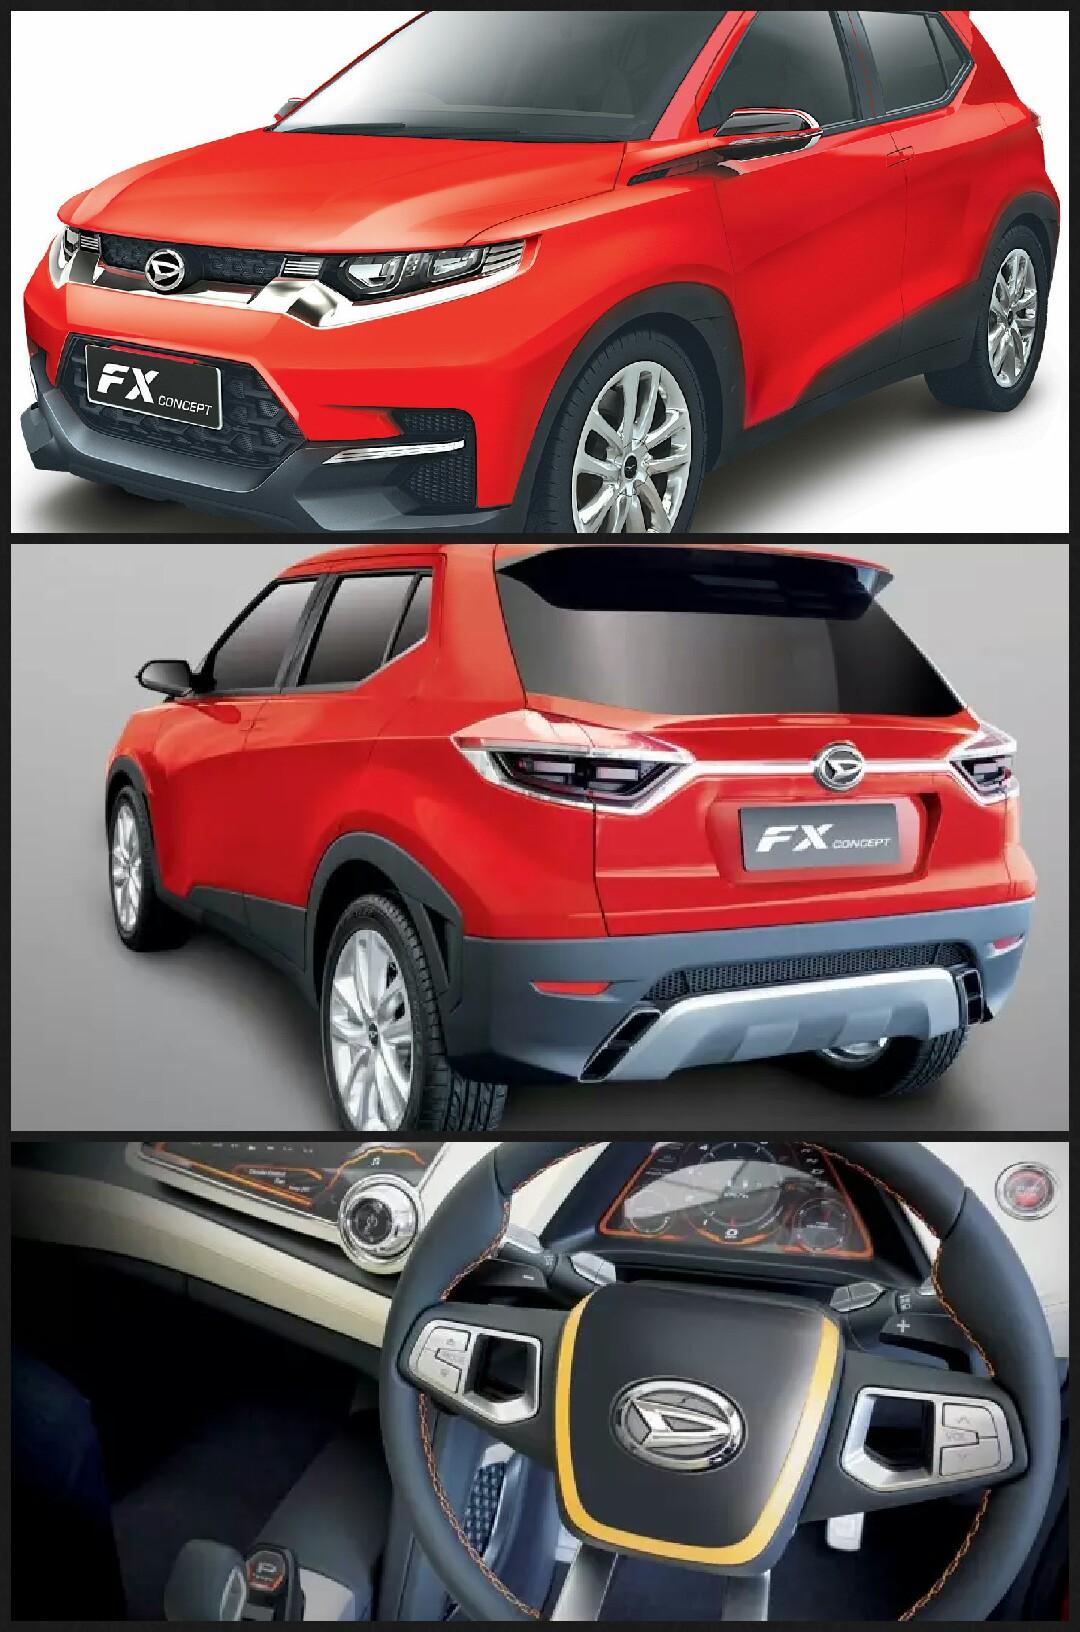 ダイハツ 新型SUV FXコンセプト